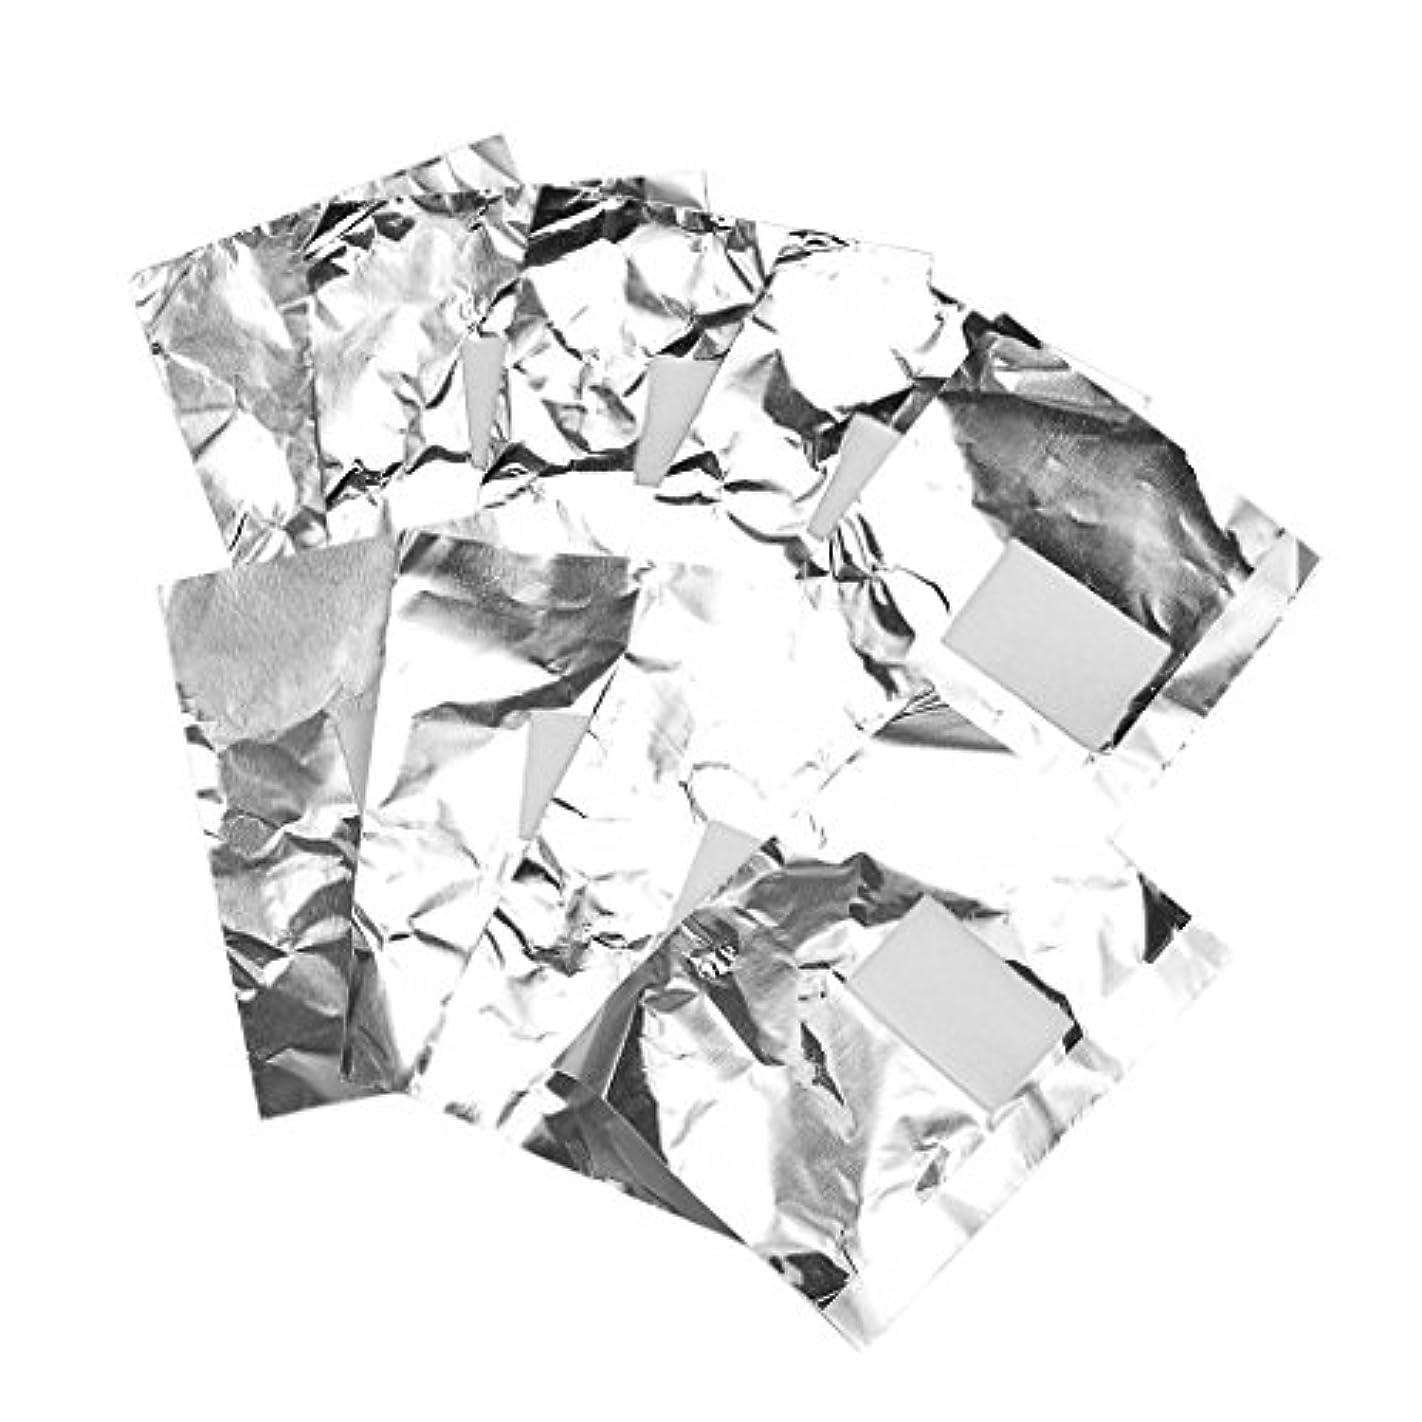 約100枚 ジェル除却 ネイルアート ネイル装飾除き 錫箔紙 ネイルオイル 包み紙 クリーナーツール